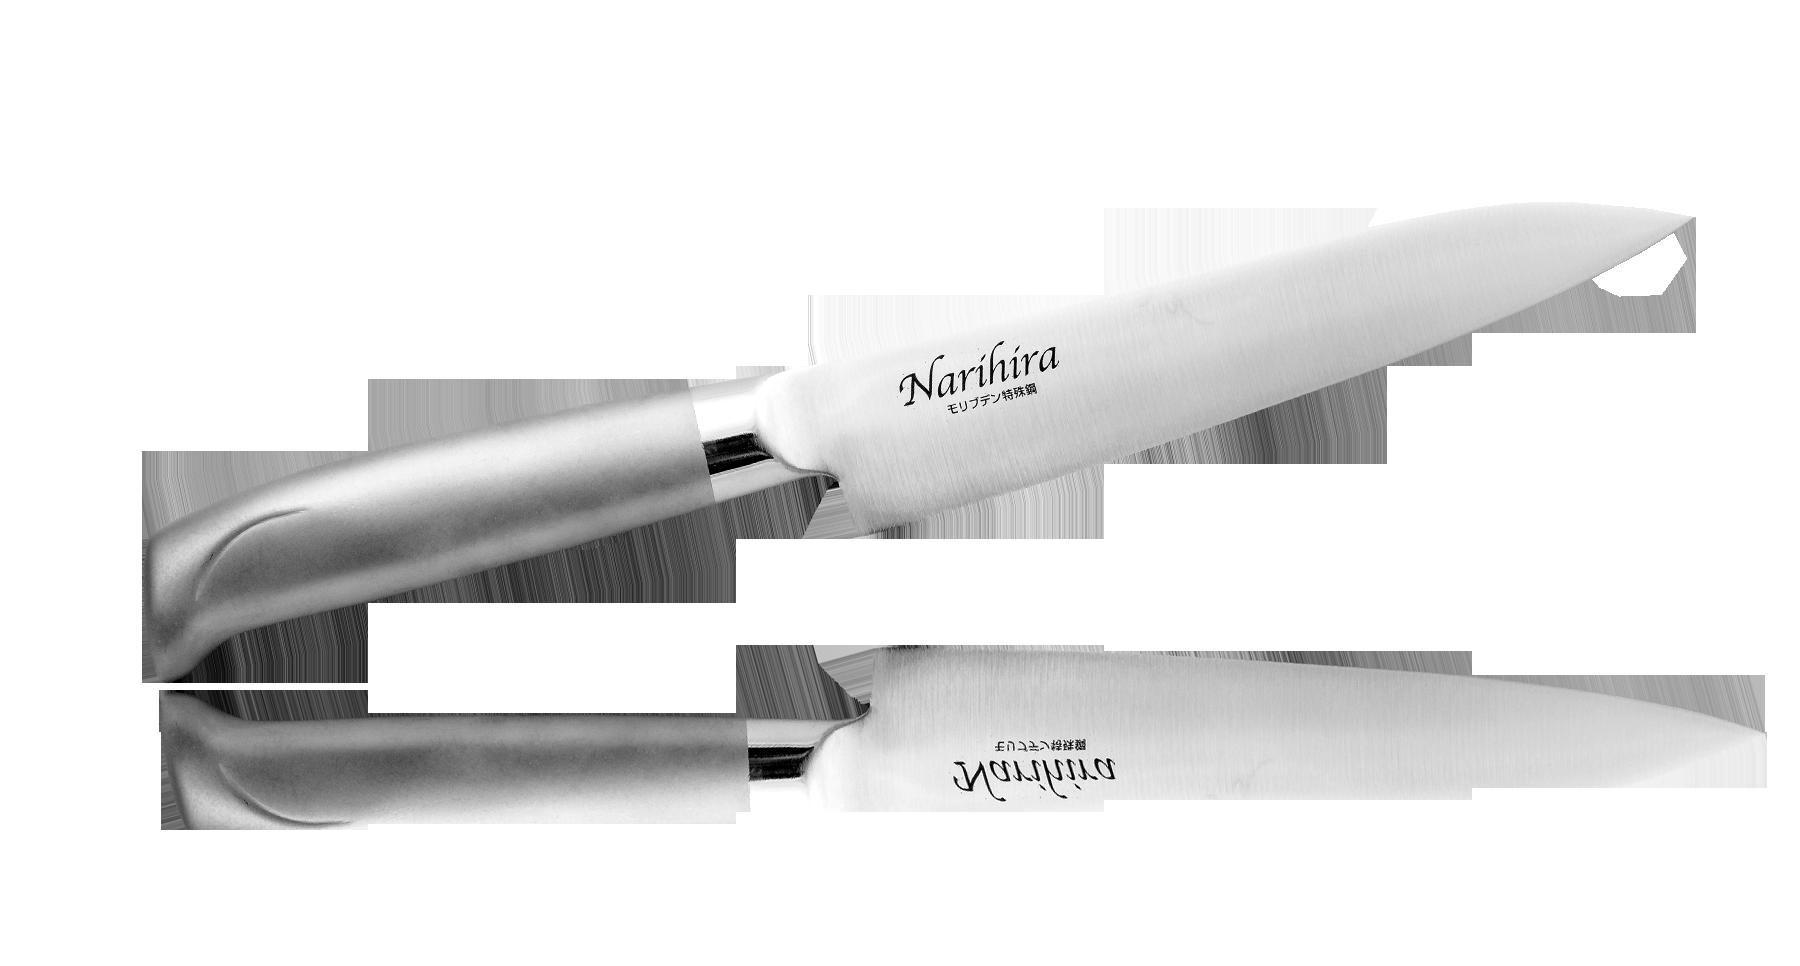 Нож Универсальный Narihira Tojiro, 150 мм, сталь AUS-8, стальная рукоять